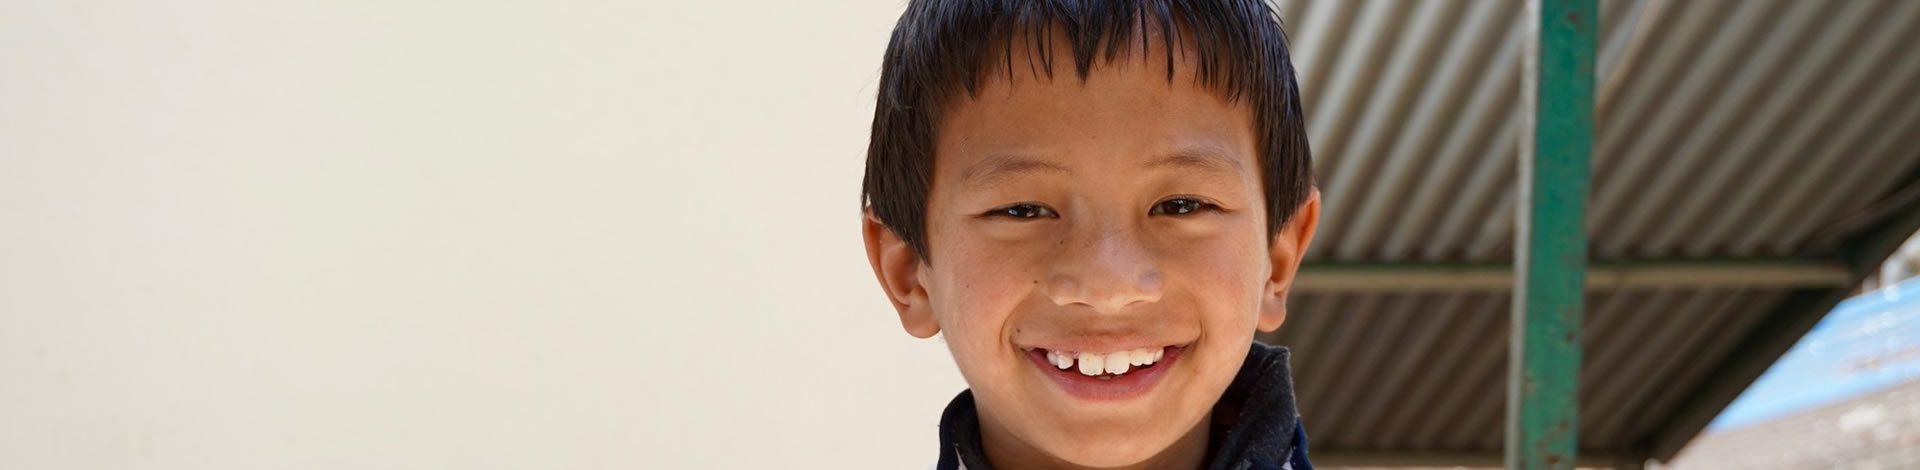 Bijaya smiling as he was given a prosthetic leg so he can walk.